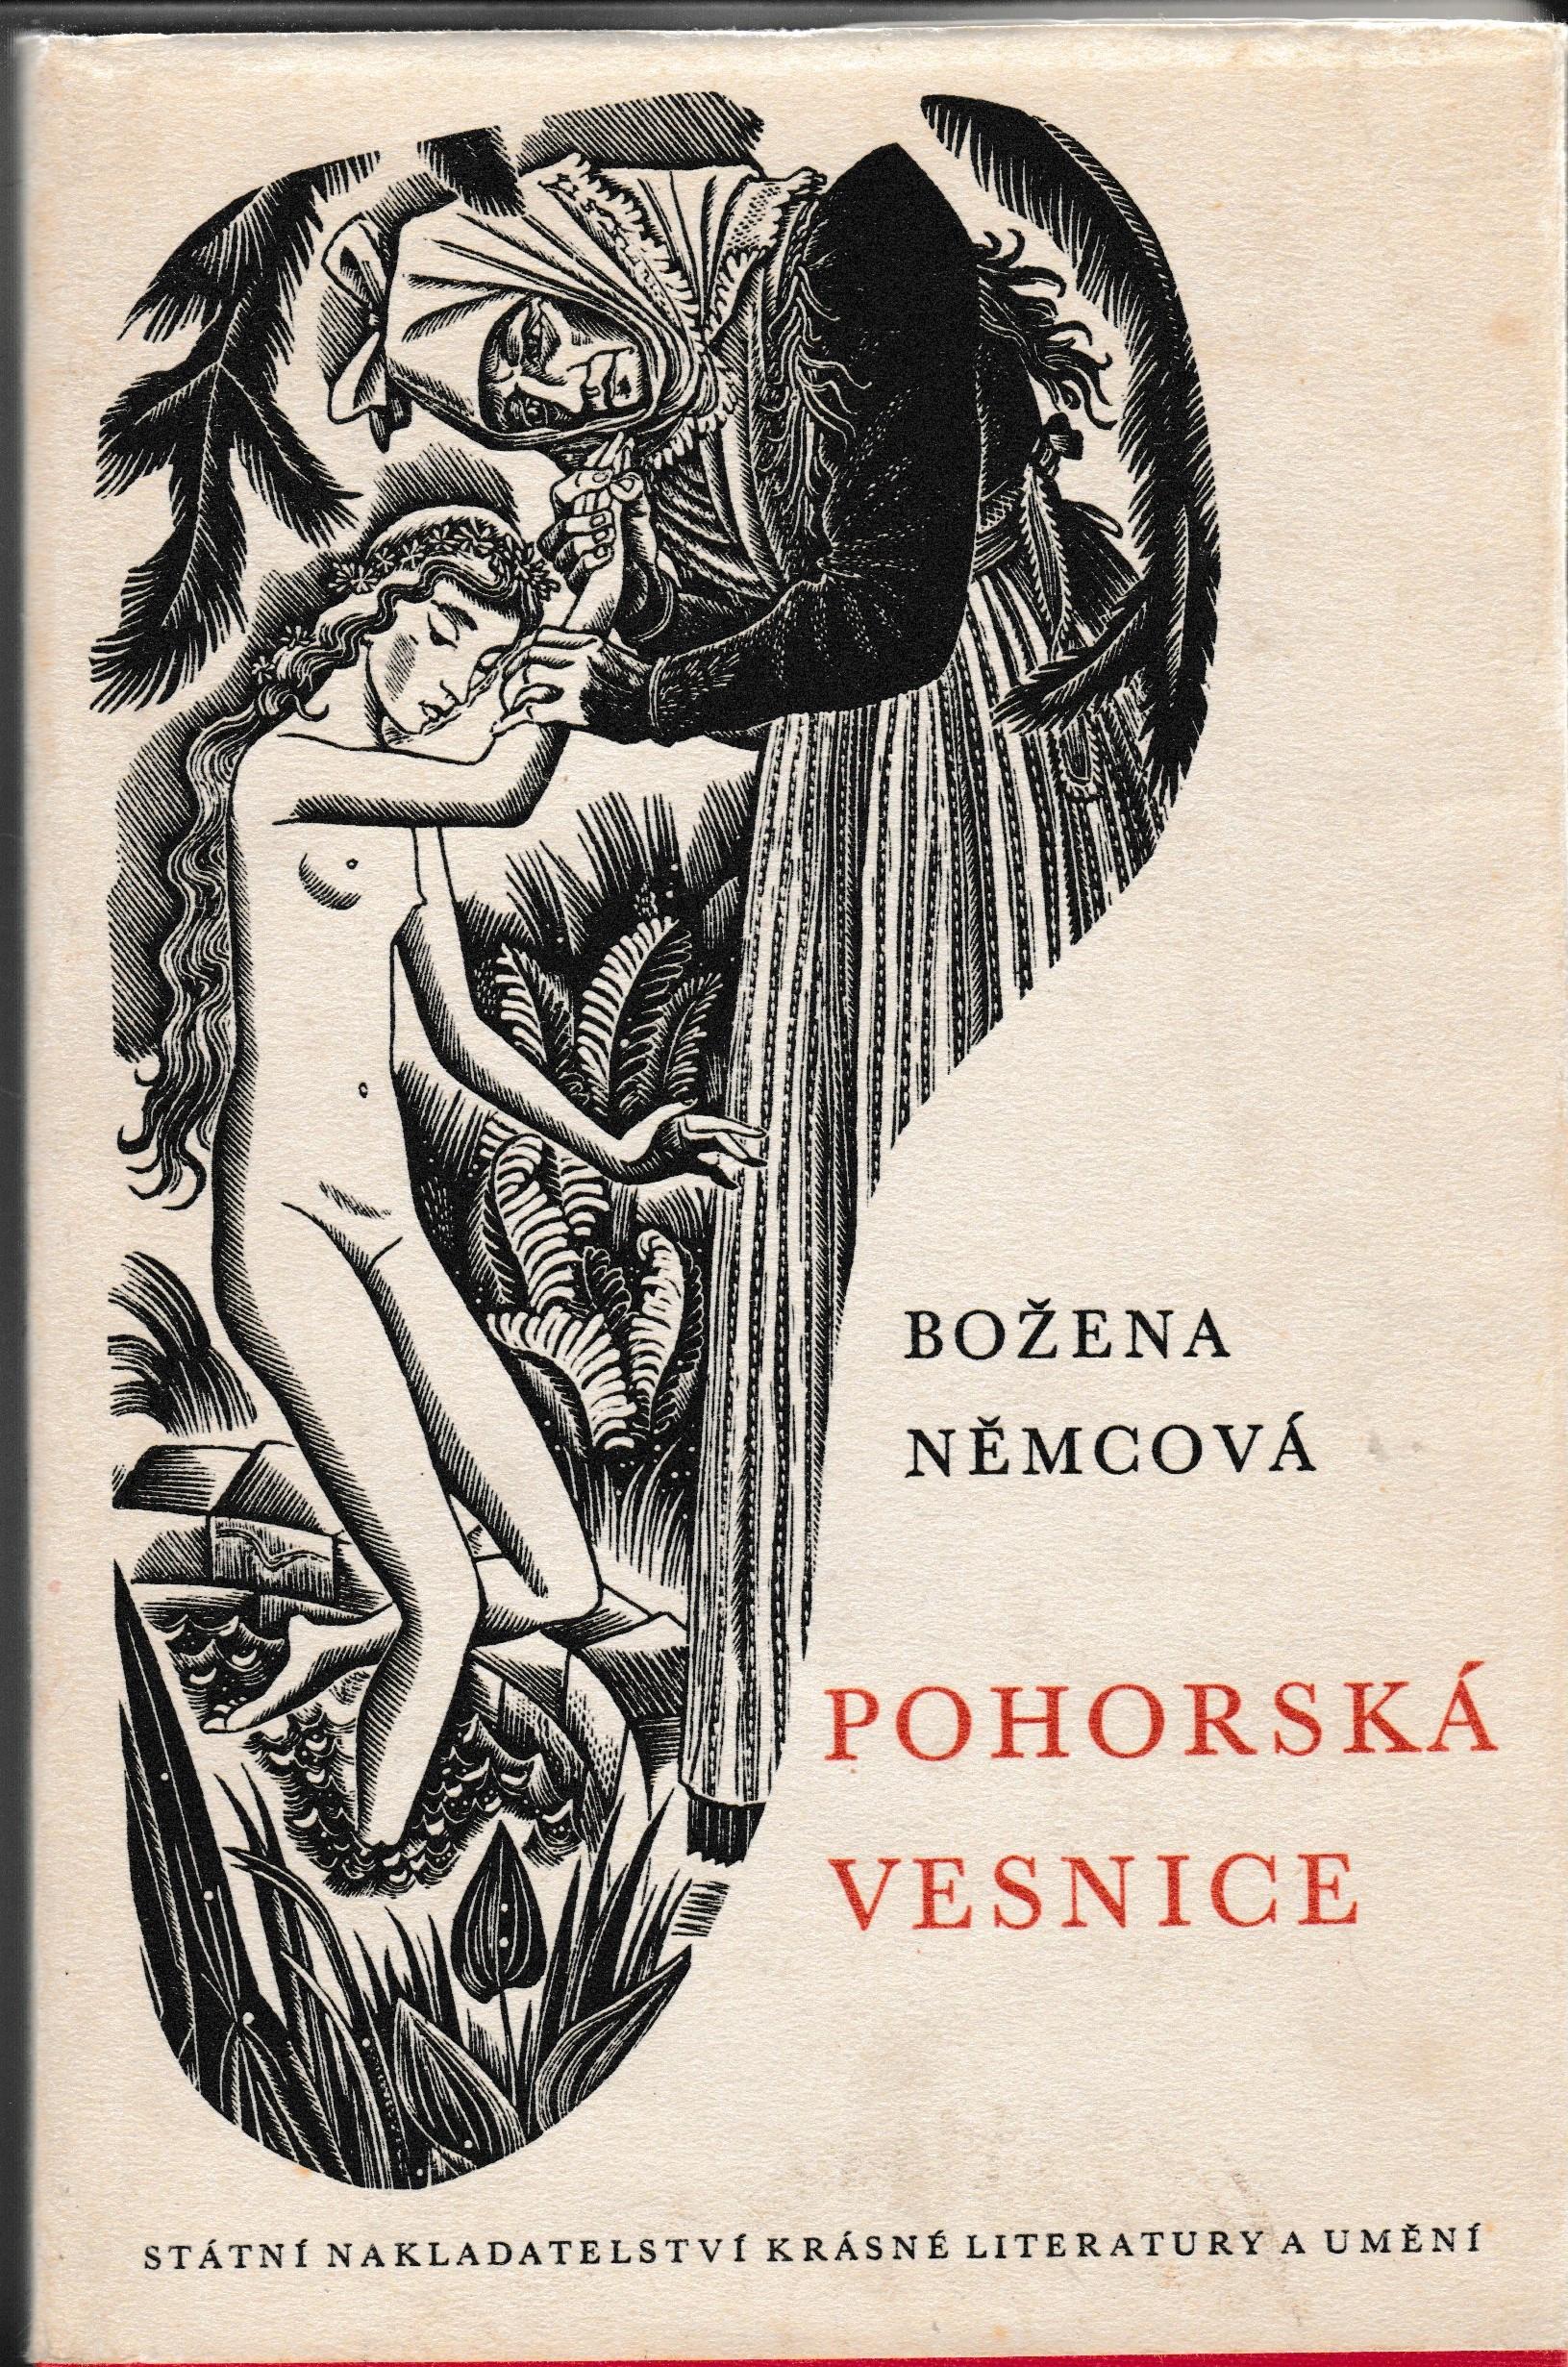 Pohorská vesnice - Božena Němcová